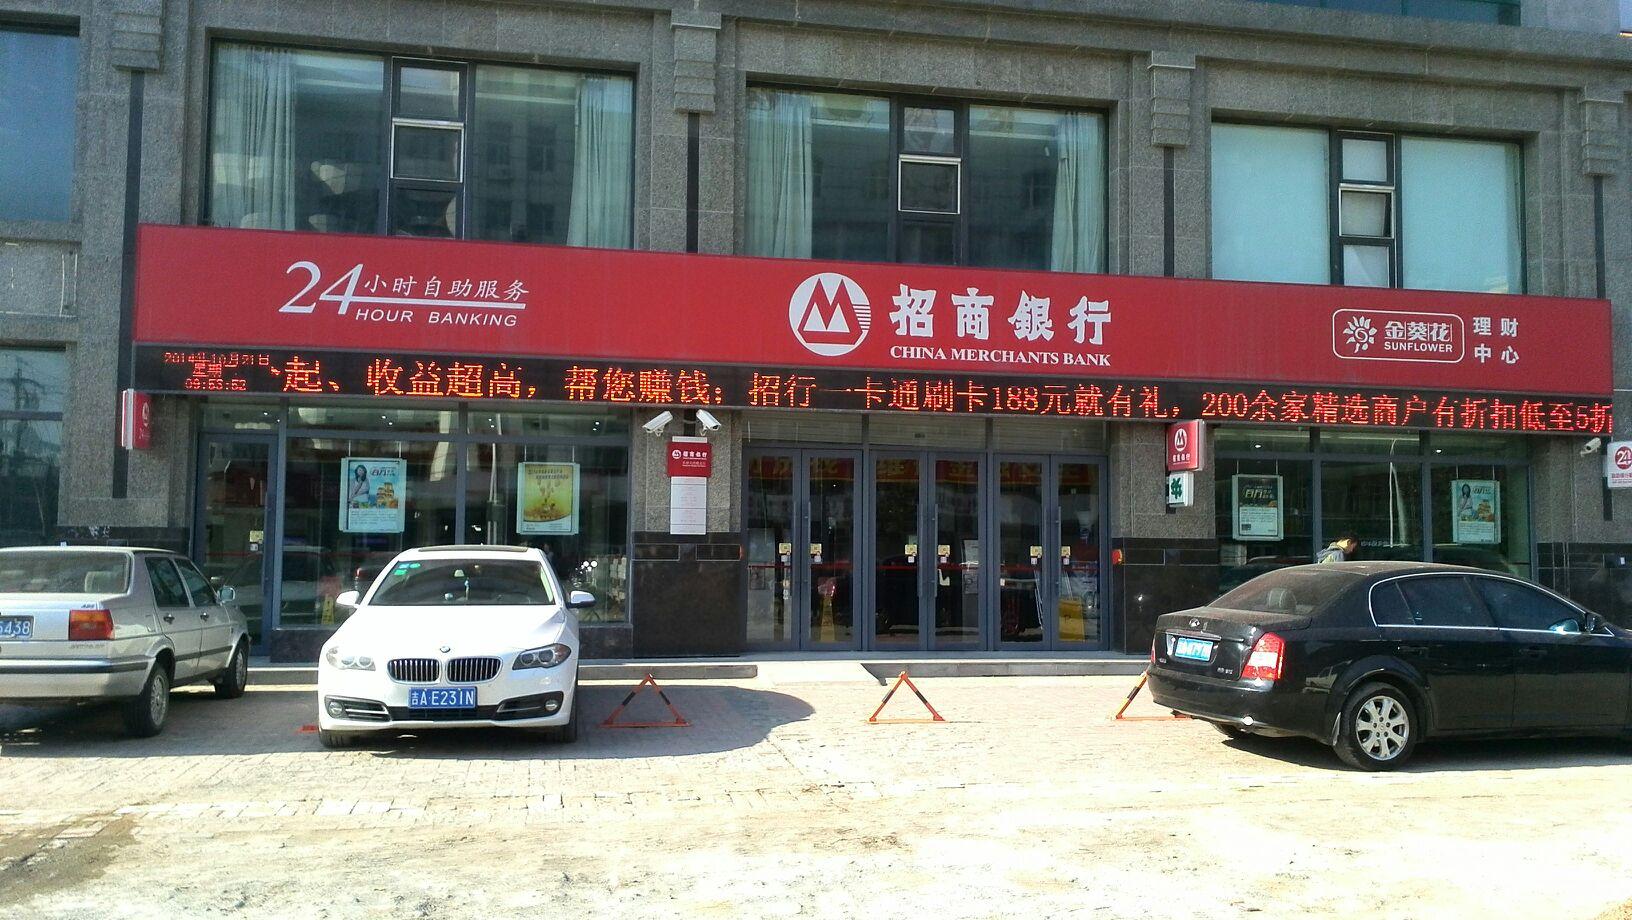 阳路支行_招商银行(长春大经路支行店)